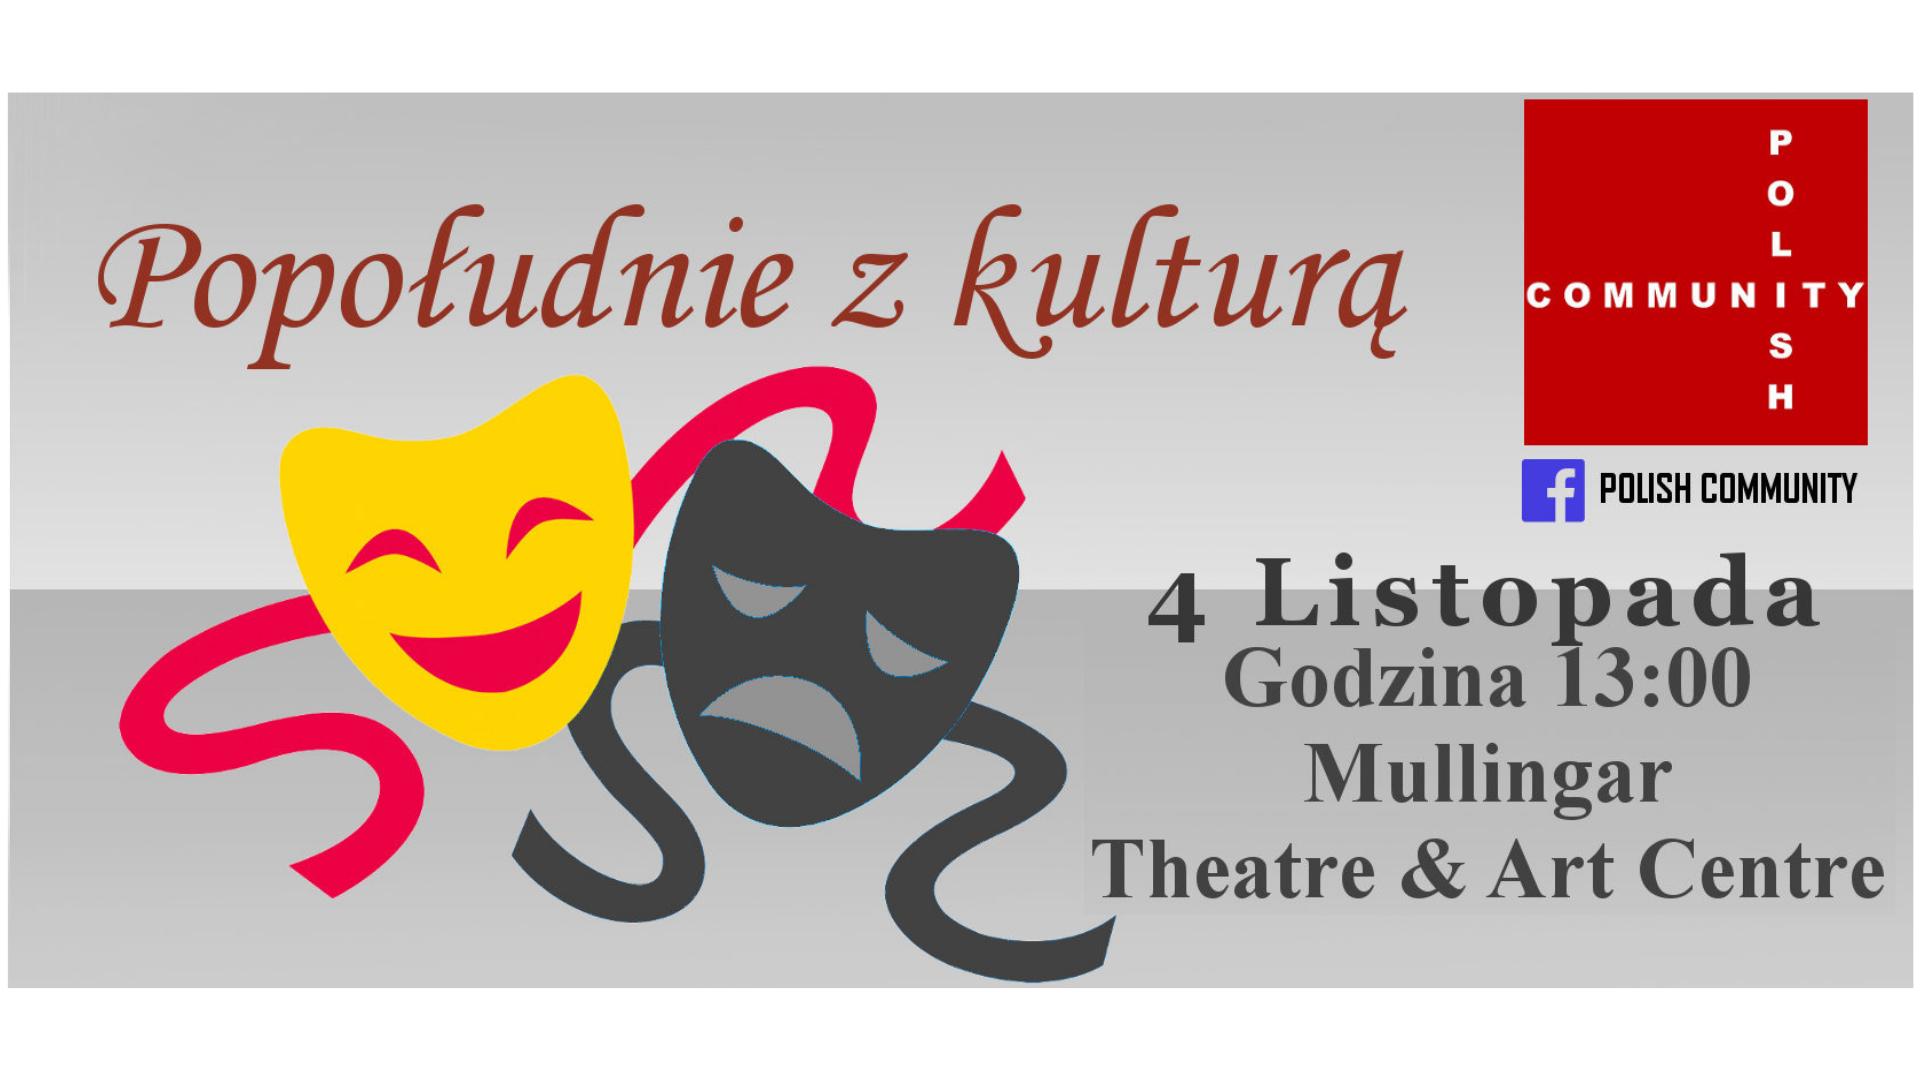 Popoludnie z Kultura event cover.png